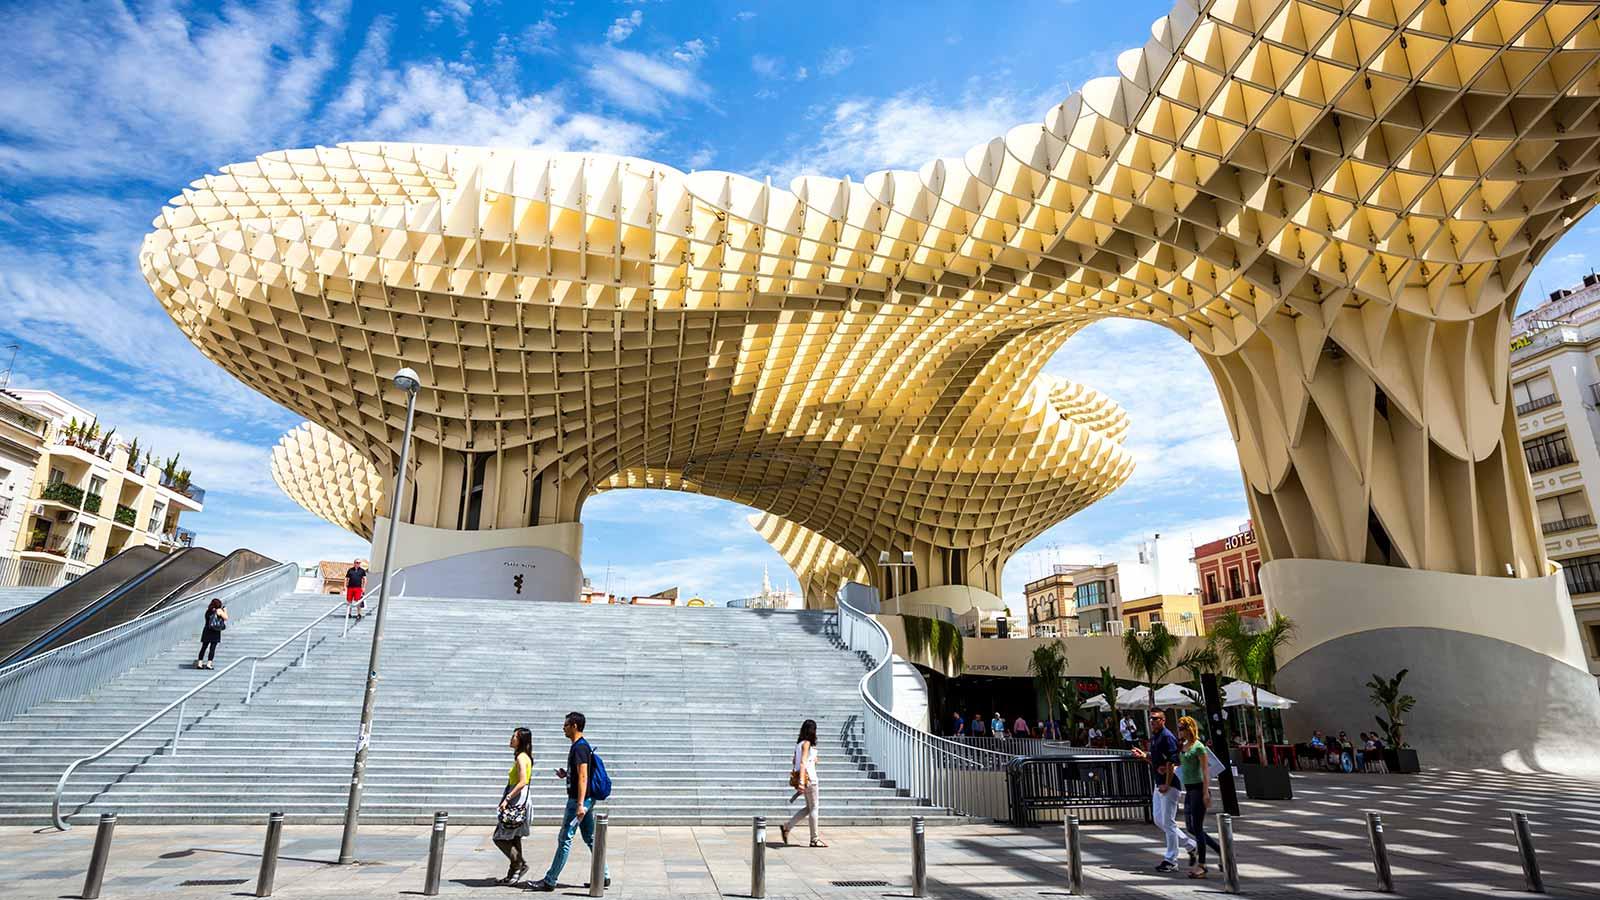 que hacer en Sevilla | Sevilla Guías & Tours